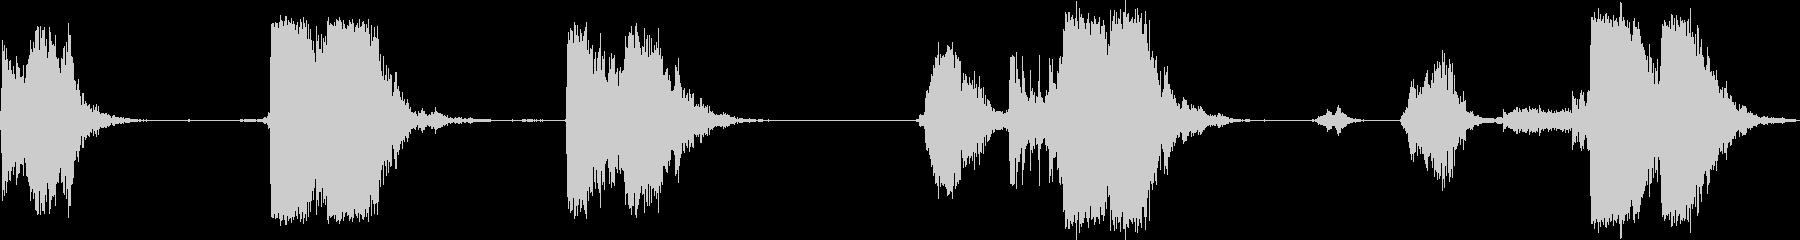 タンブル/クラッシュ;金属の影響/...の未再生の波形